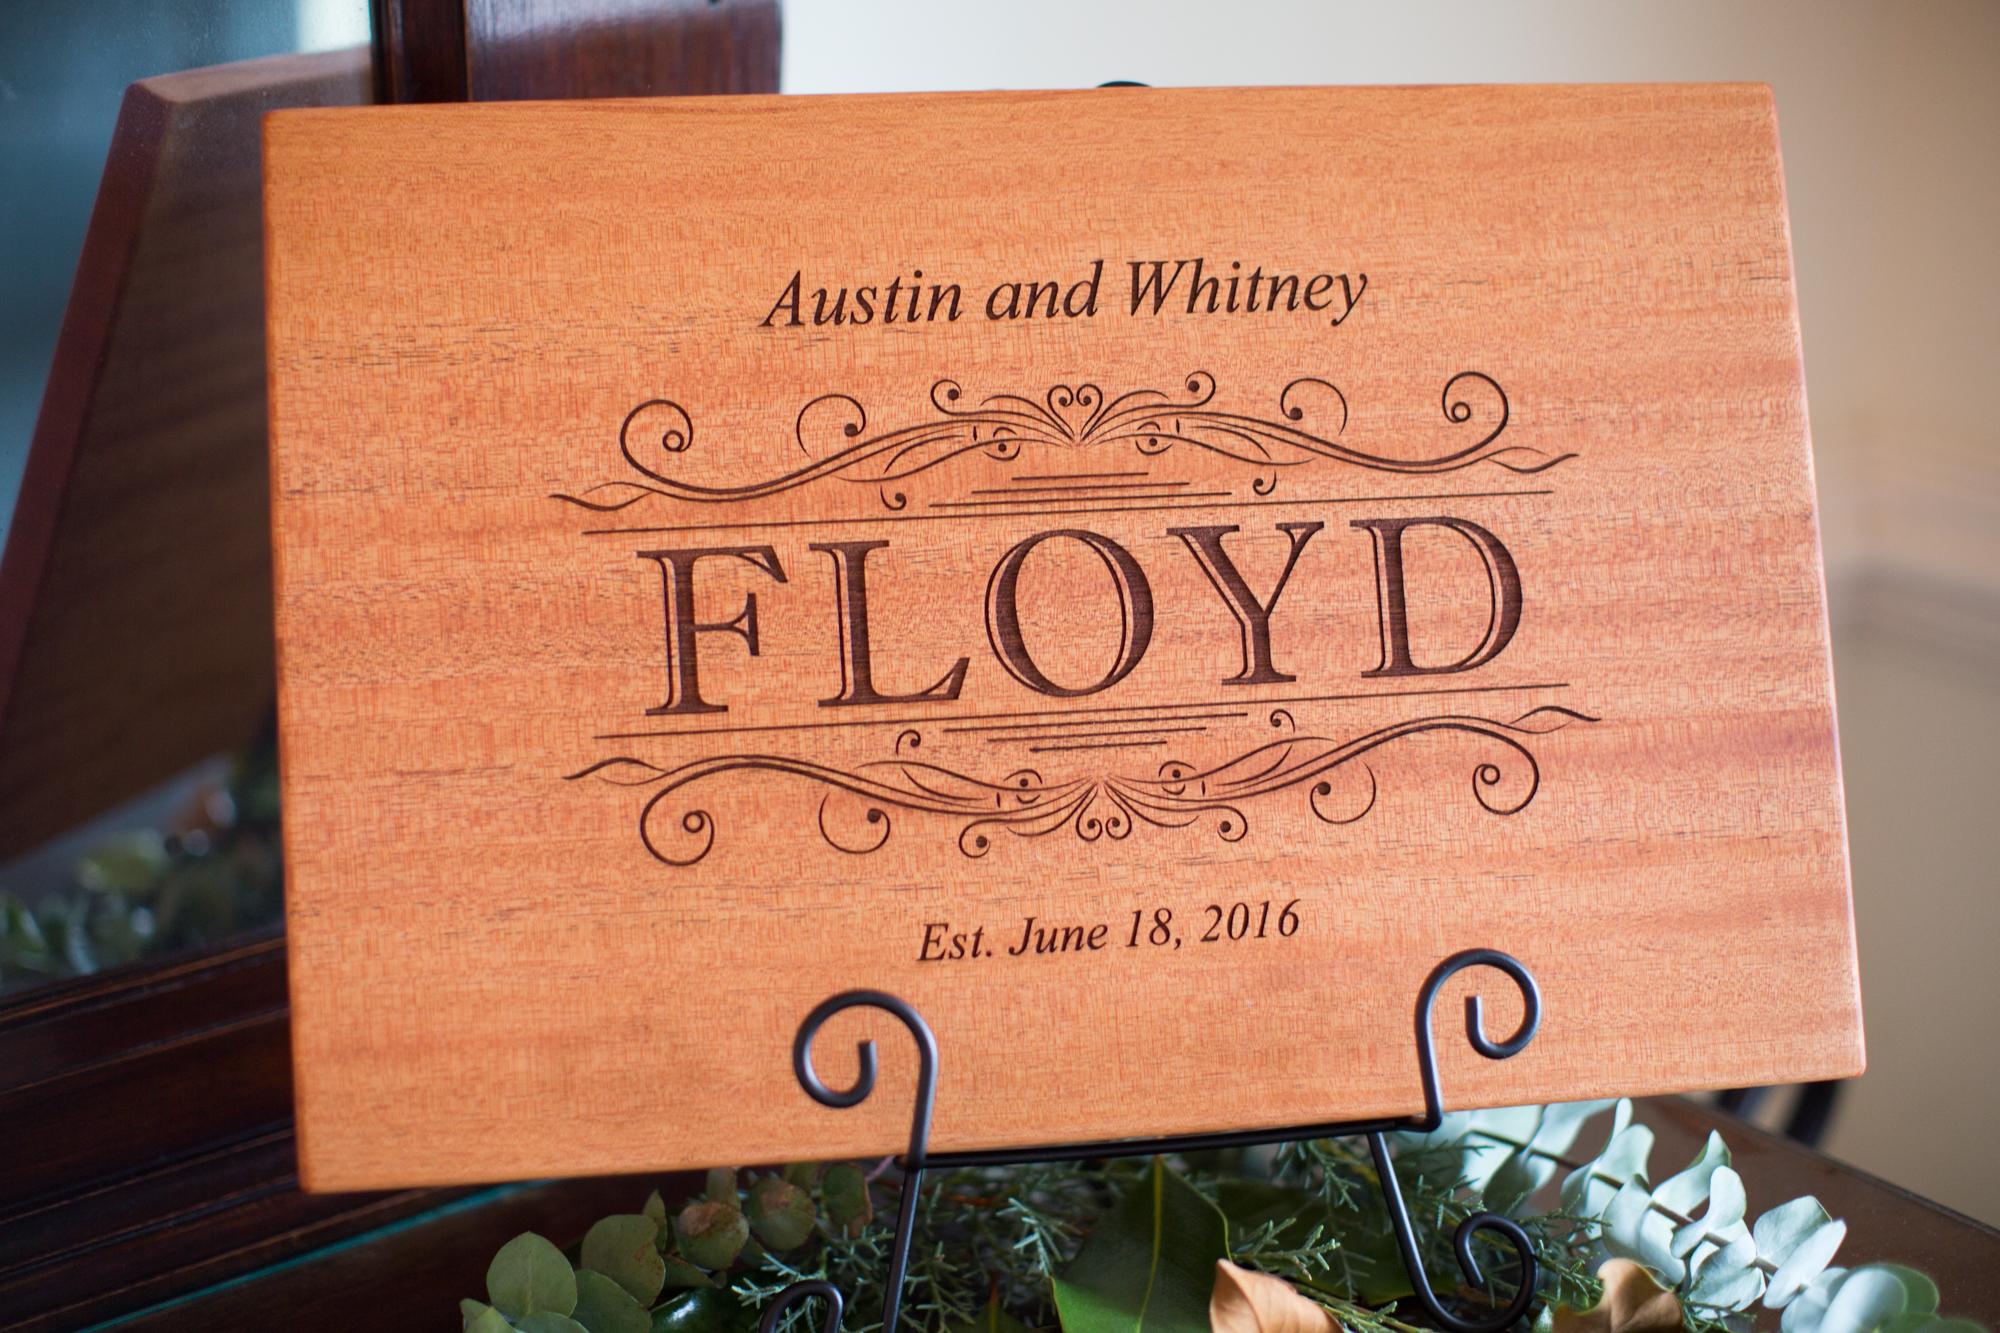 Whitney+Austin_Floyd-5625.jpg